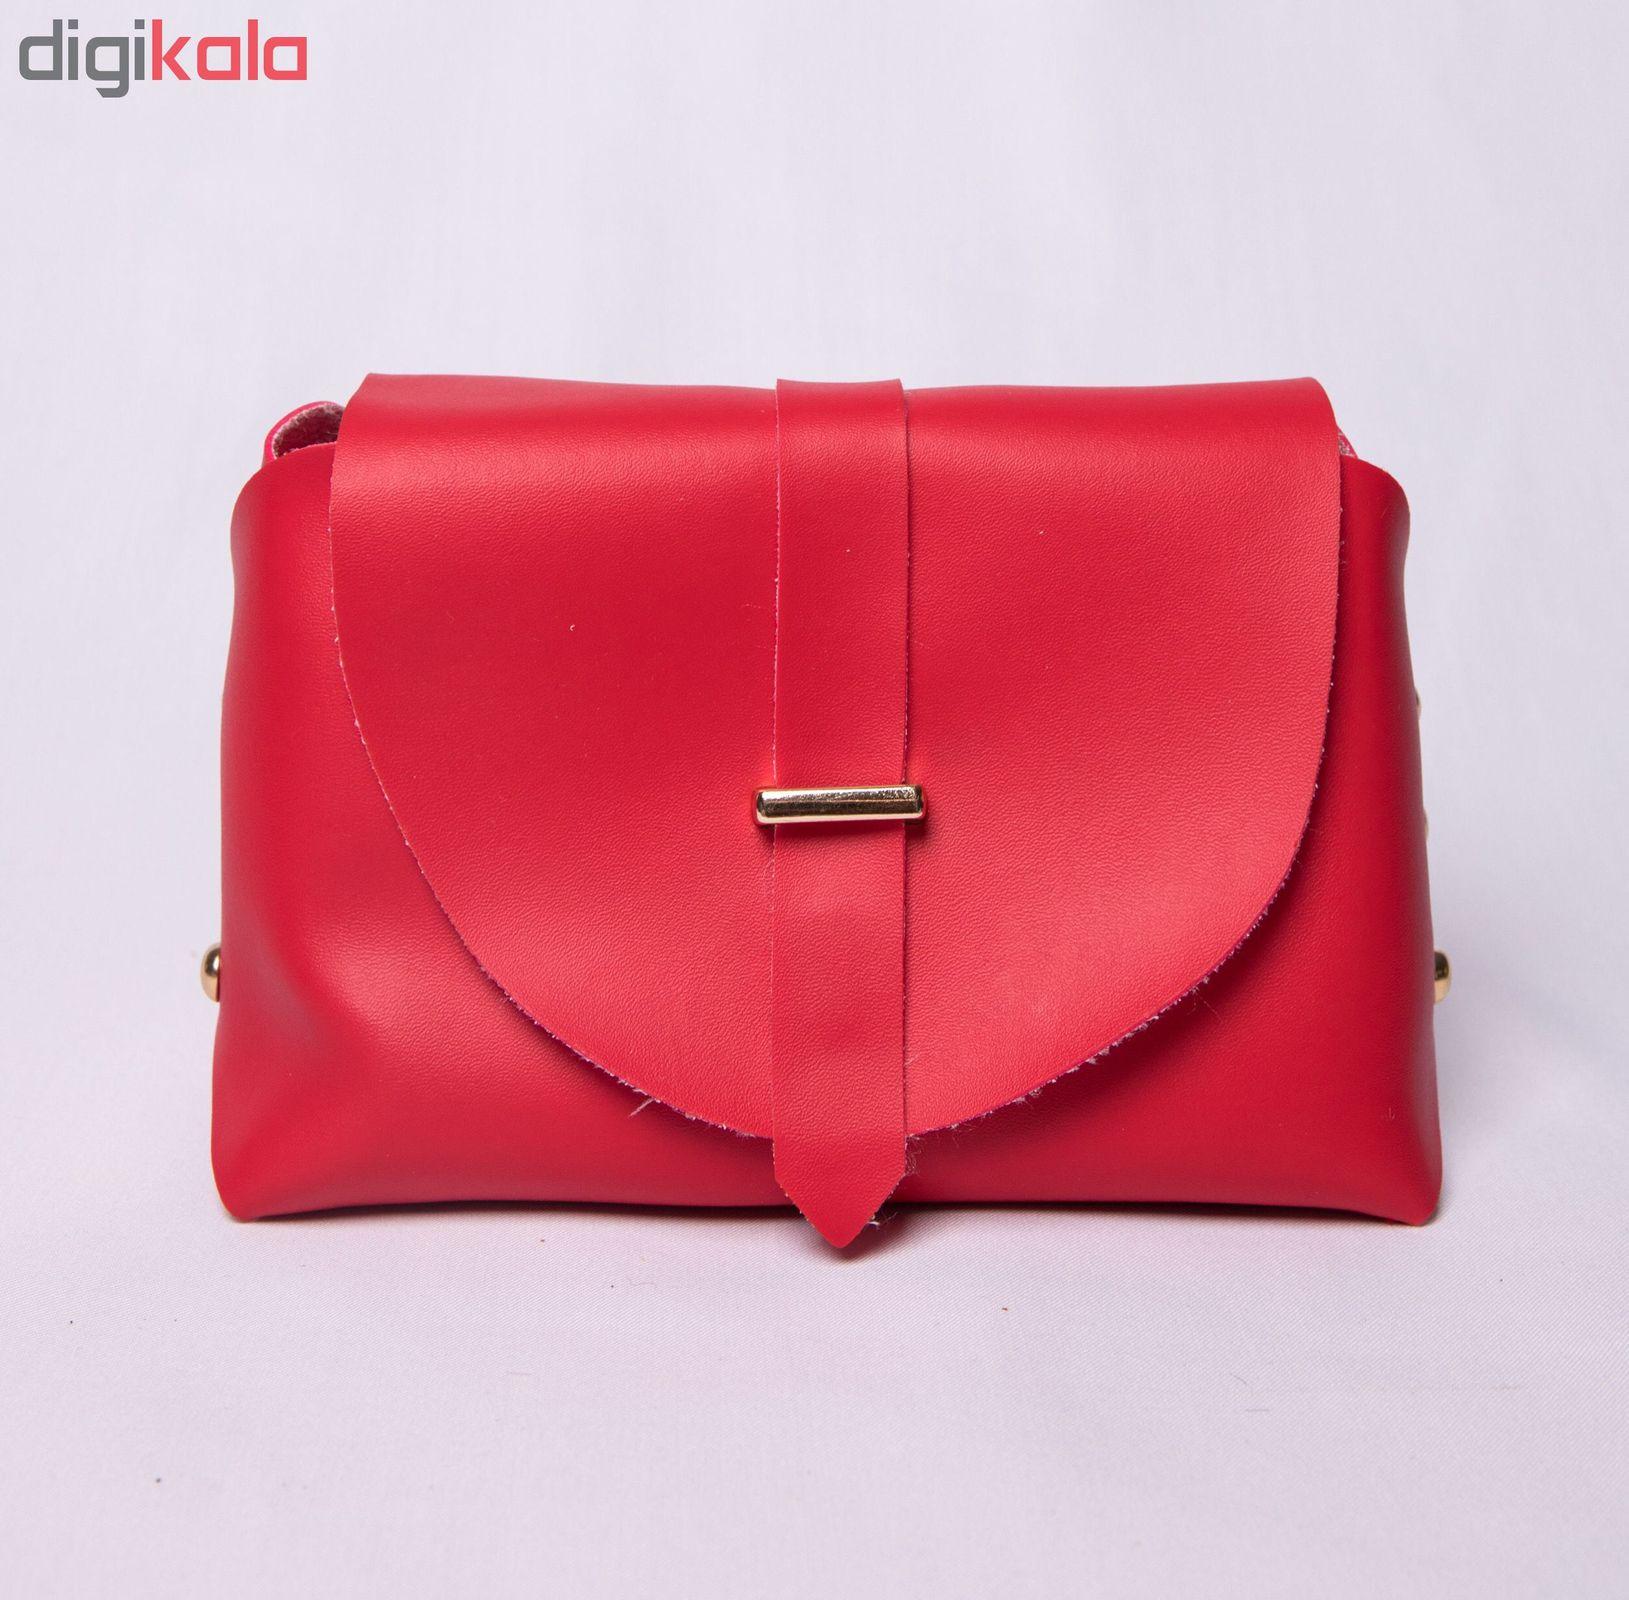 کیف دوشی زنانه مدل روشا main 1 8